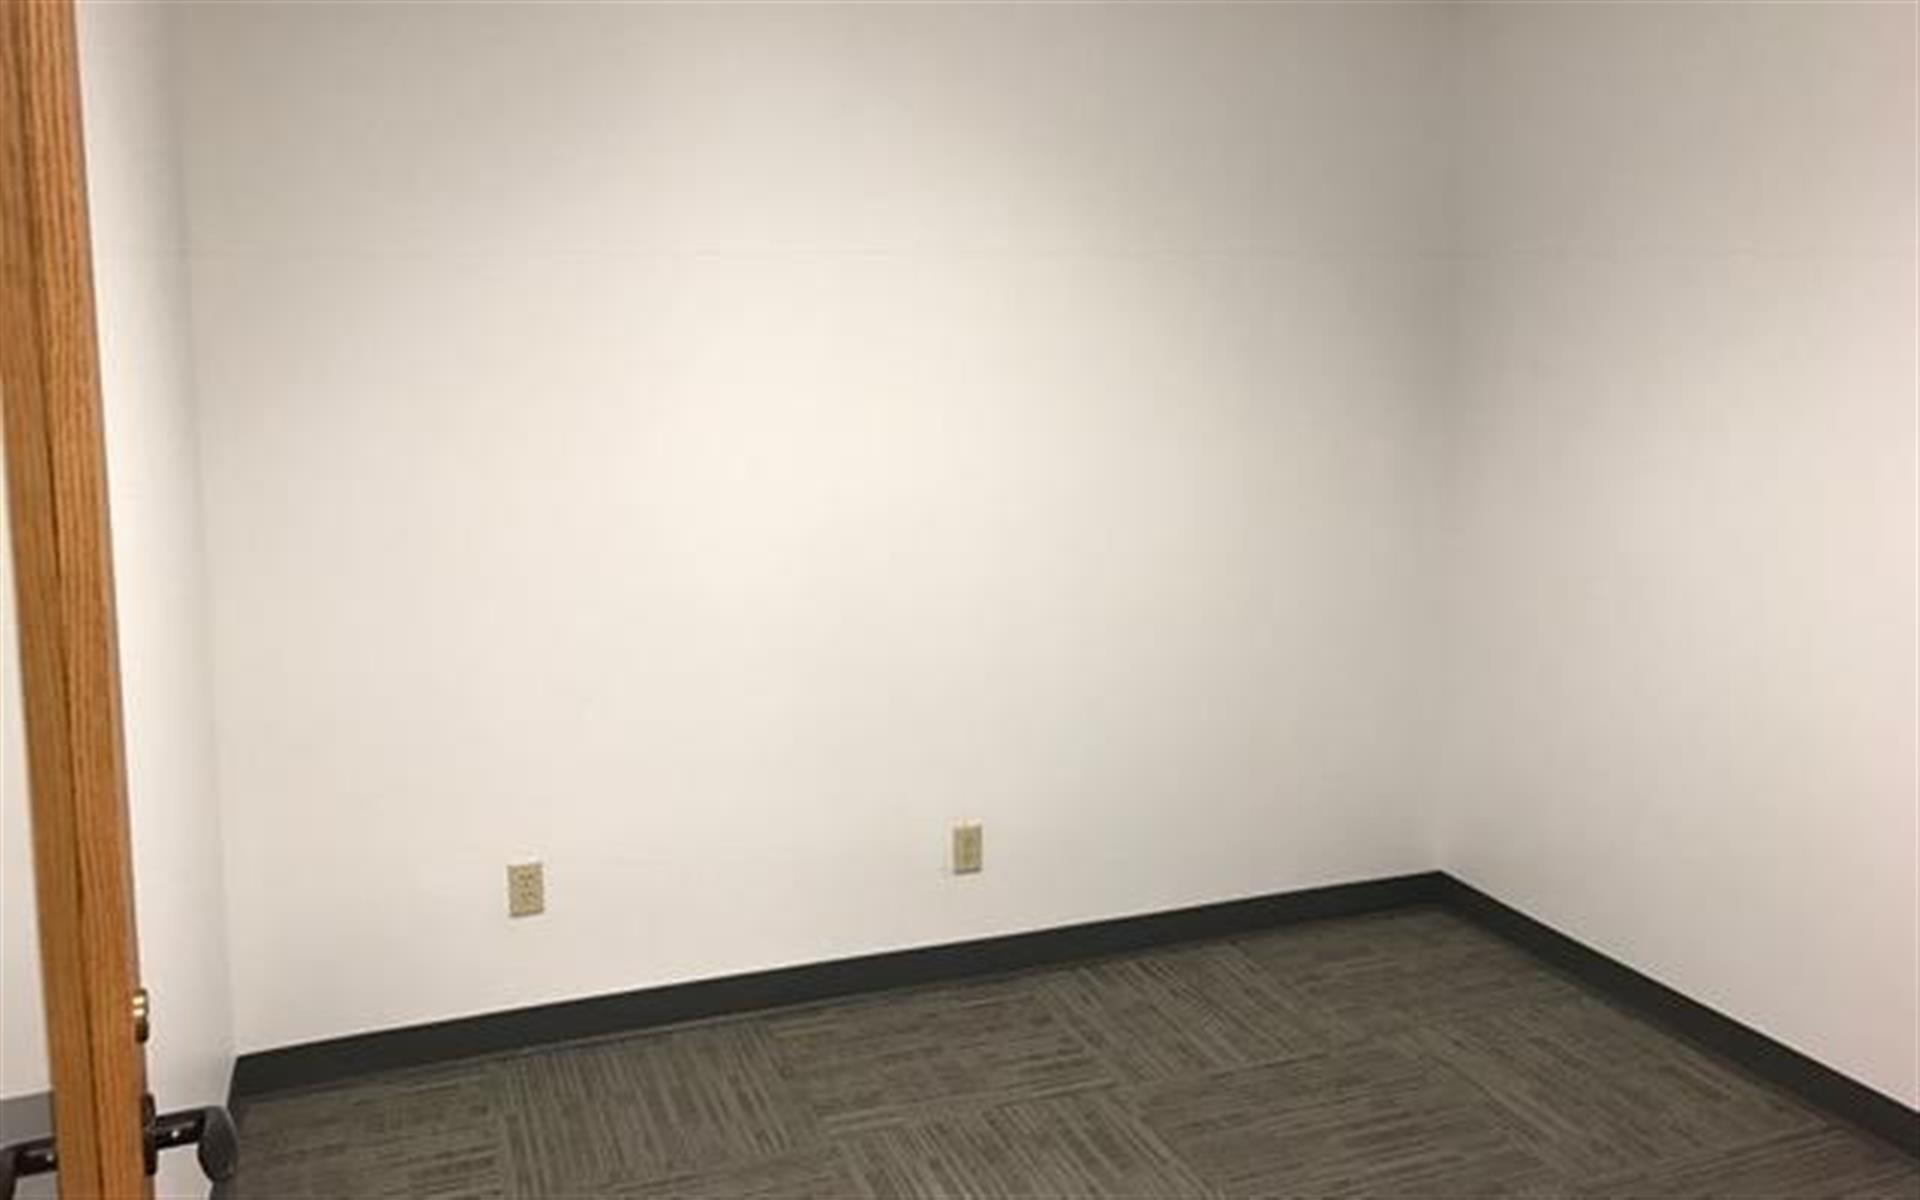 Office Space in Bellevue 405/520 Corridor - Interior Office 3